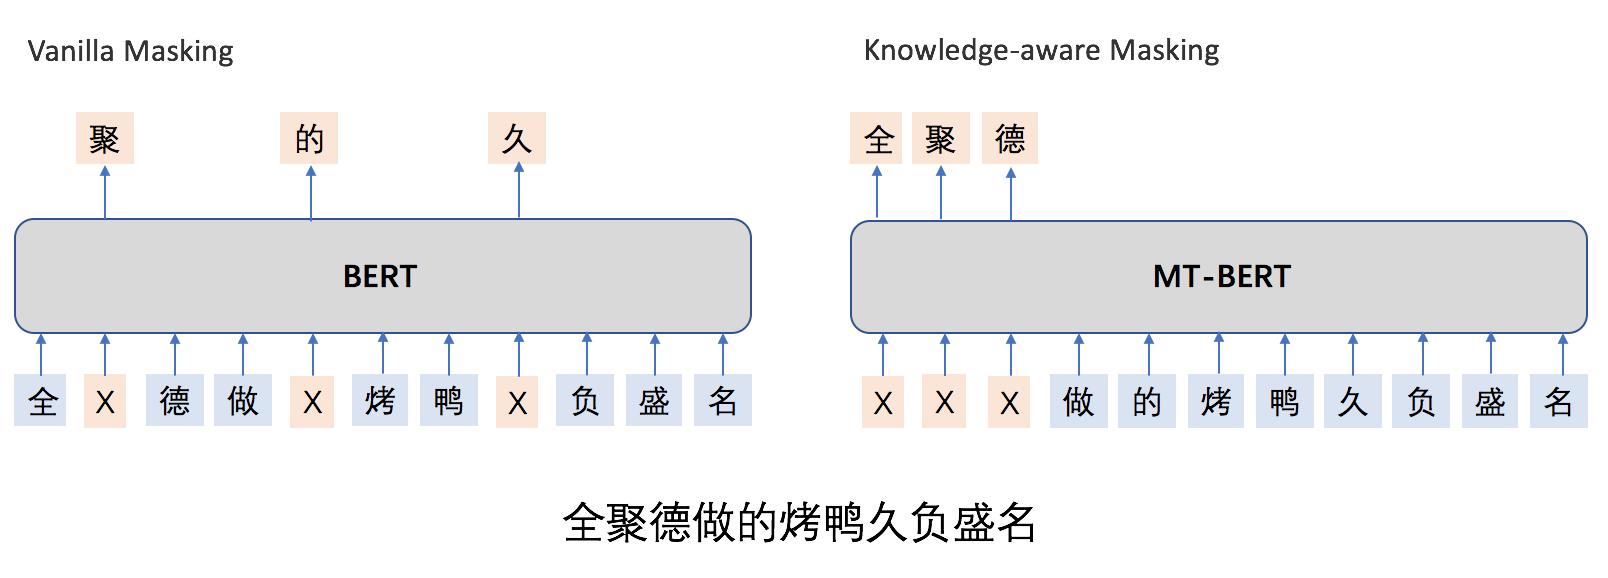 图6 MT-BERT默认Masking策略和Whole Word Masking策略对比